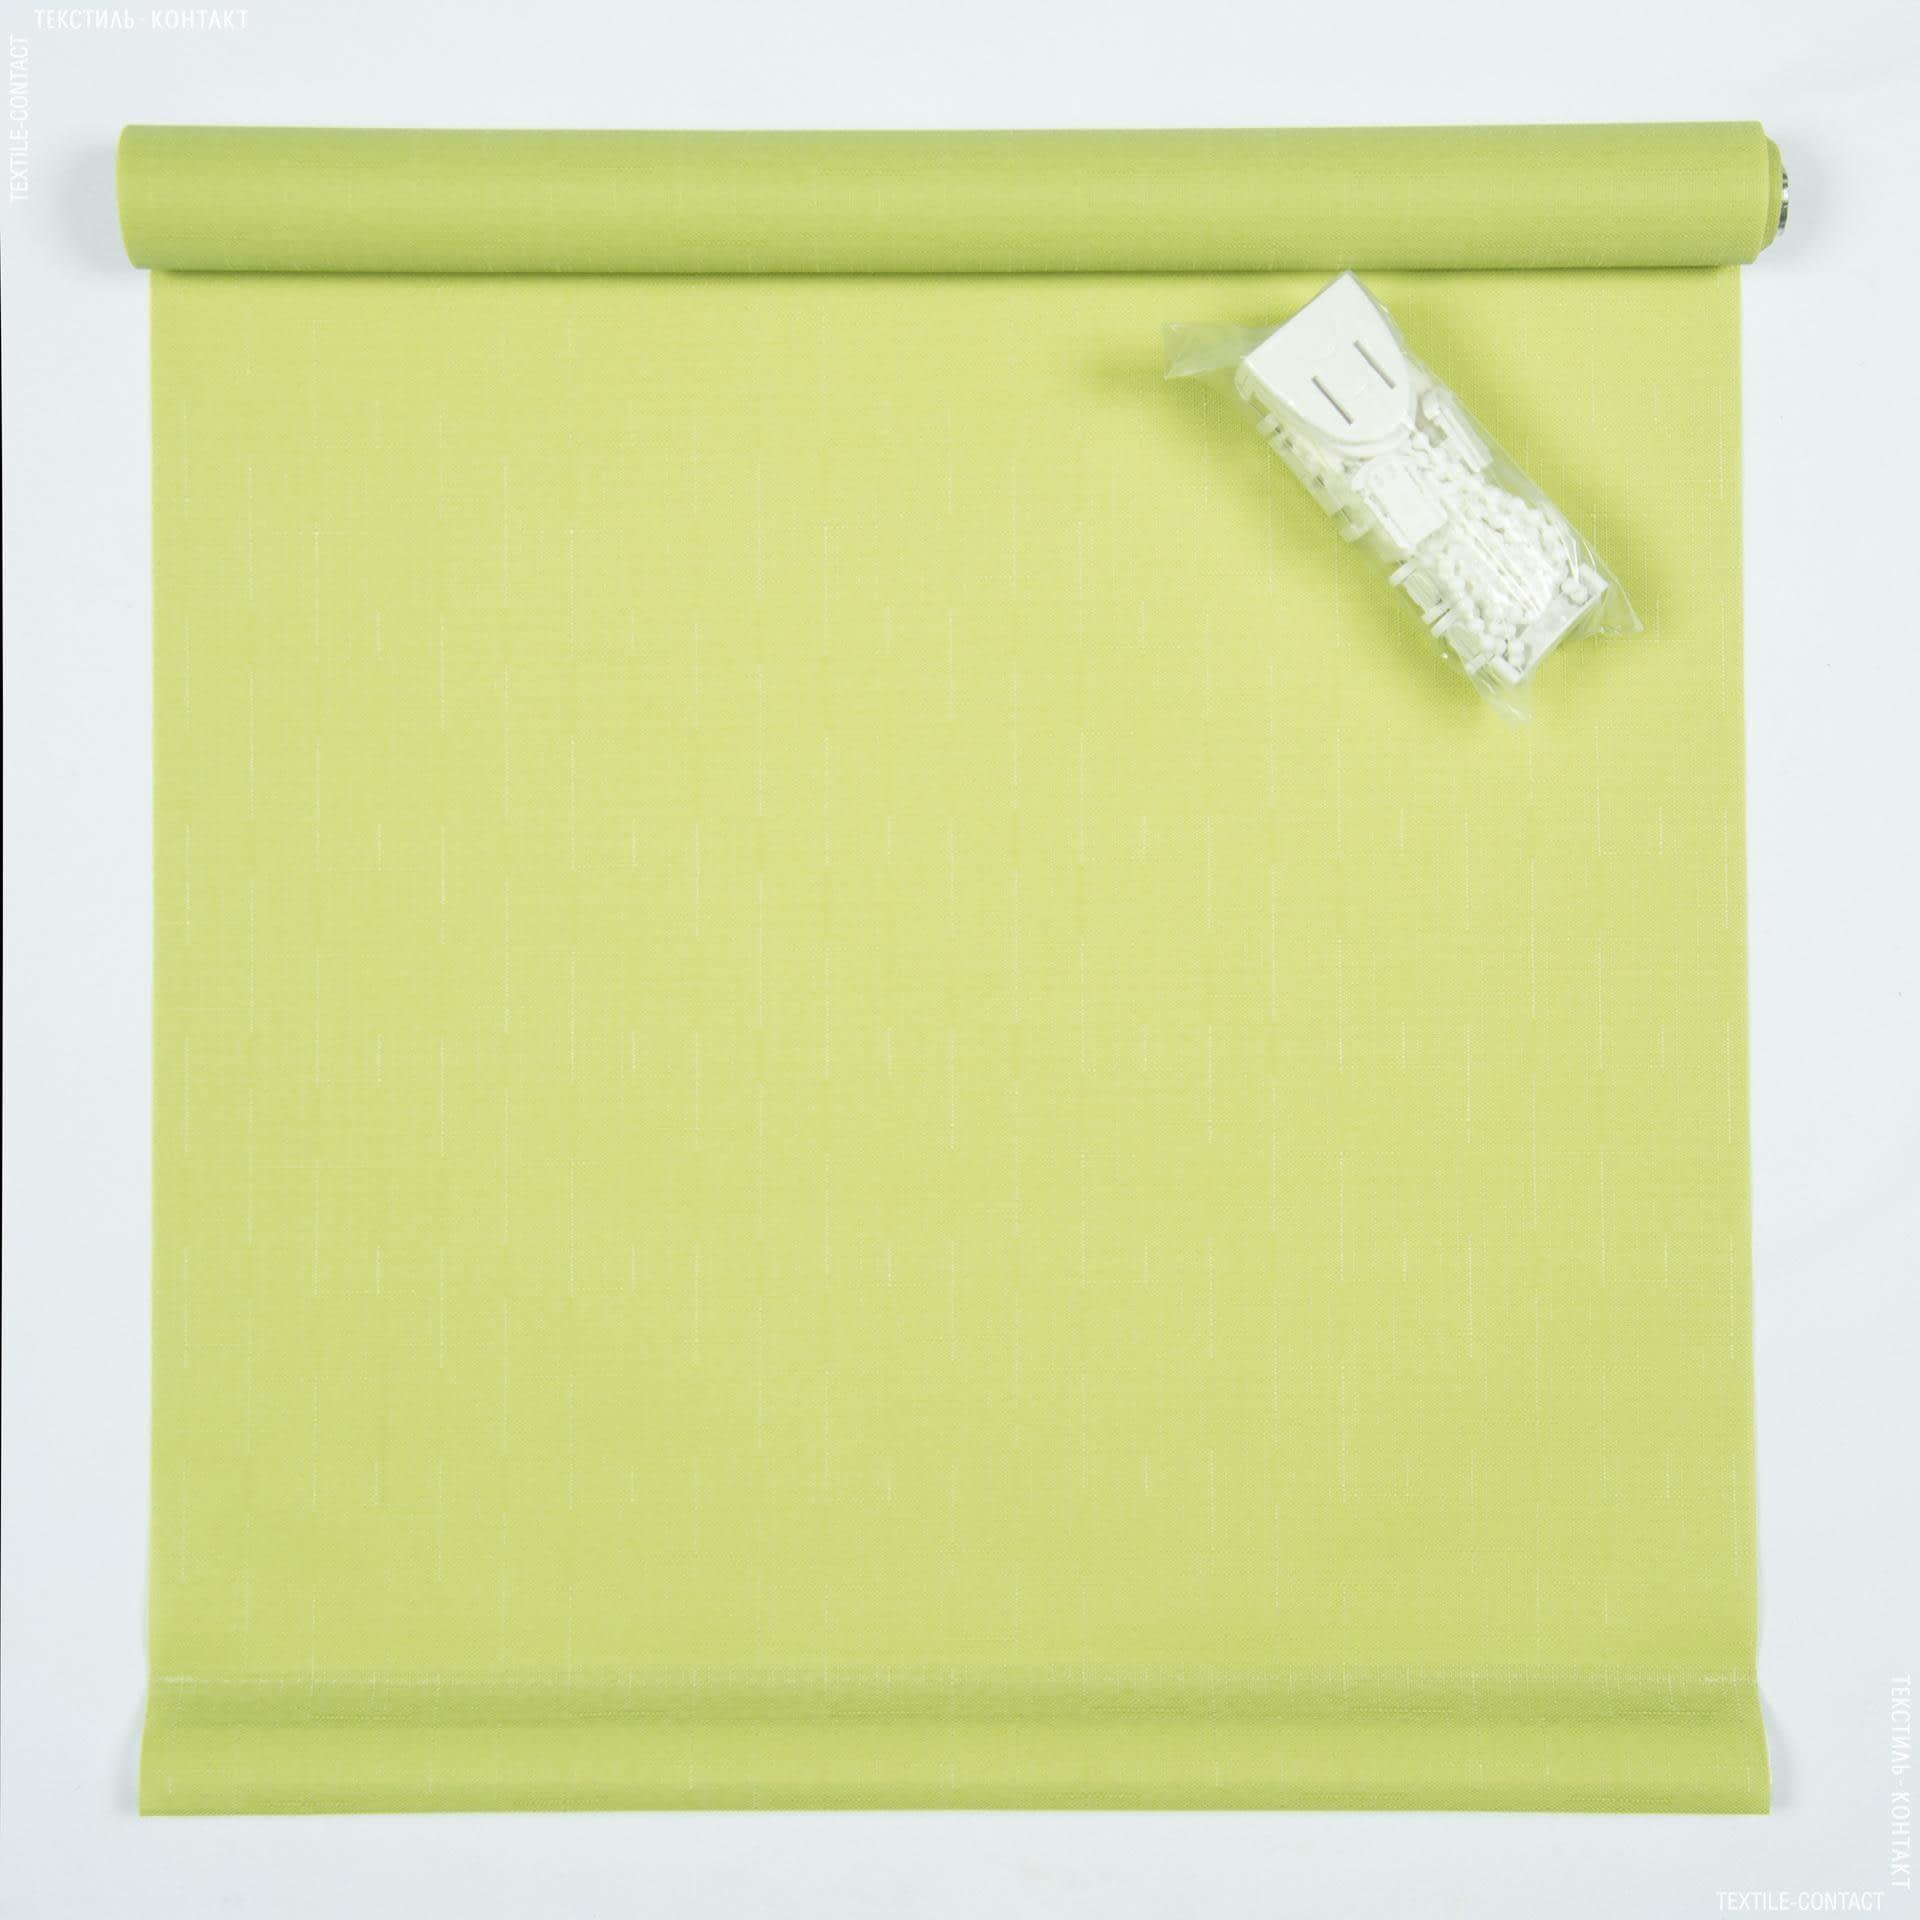 Тканини ролети - Роллет міні фактурний зелене яблуко 72.5х150